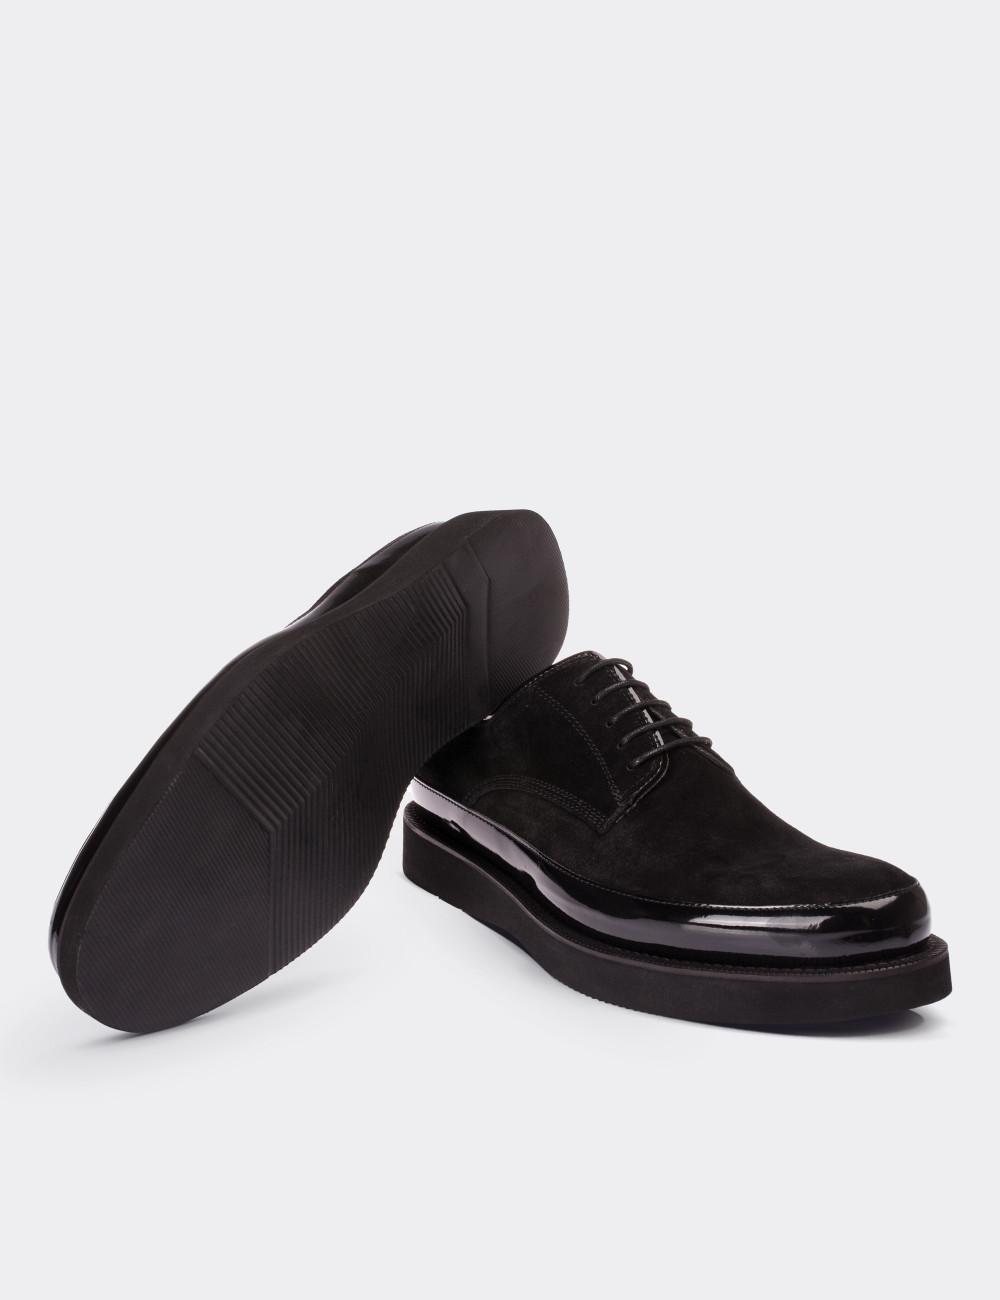 Hakiki Deri Siyah Rugan Kombineli Süet Ayakkabı - 01113MSYHE01